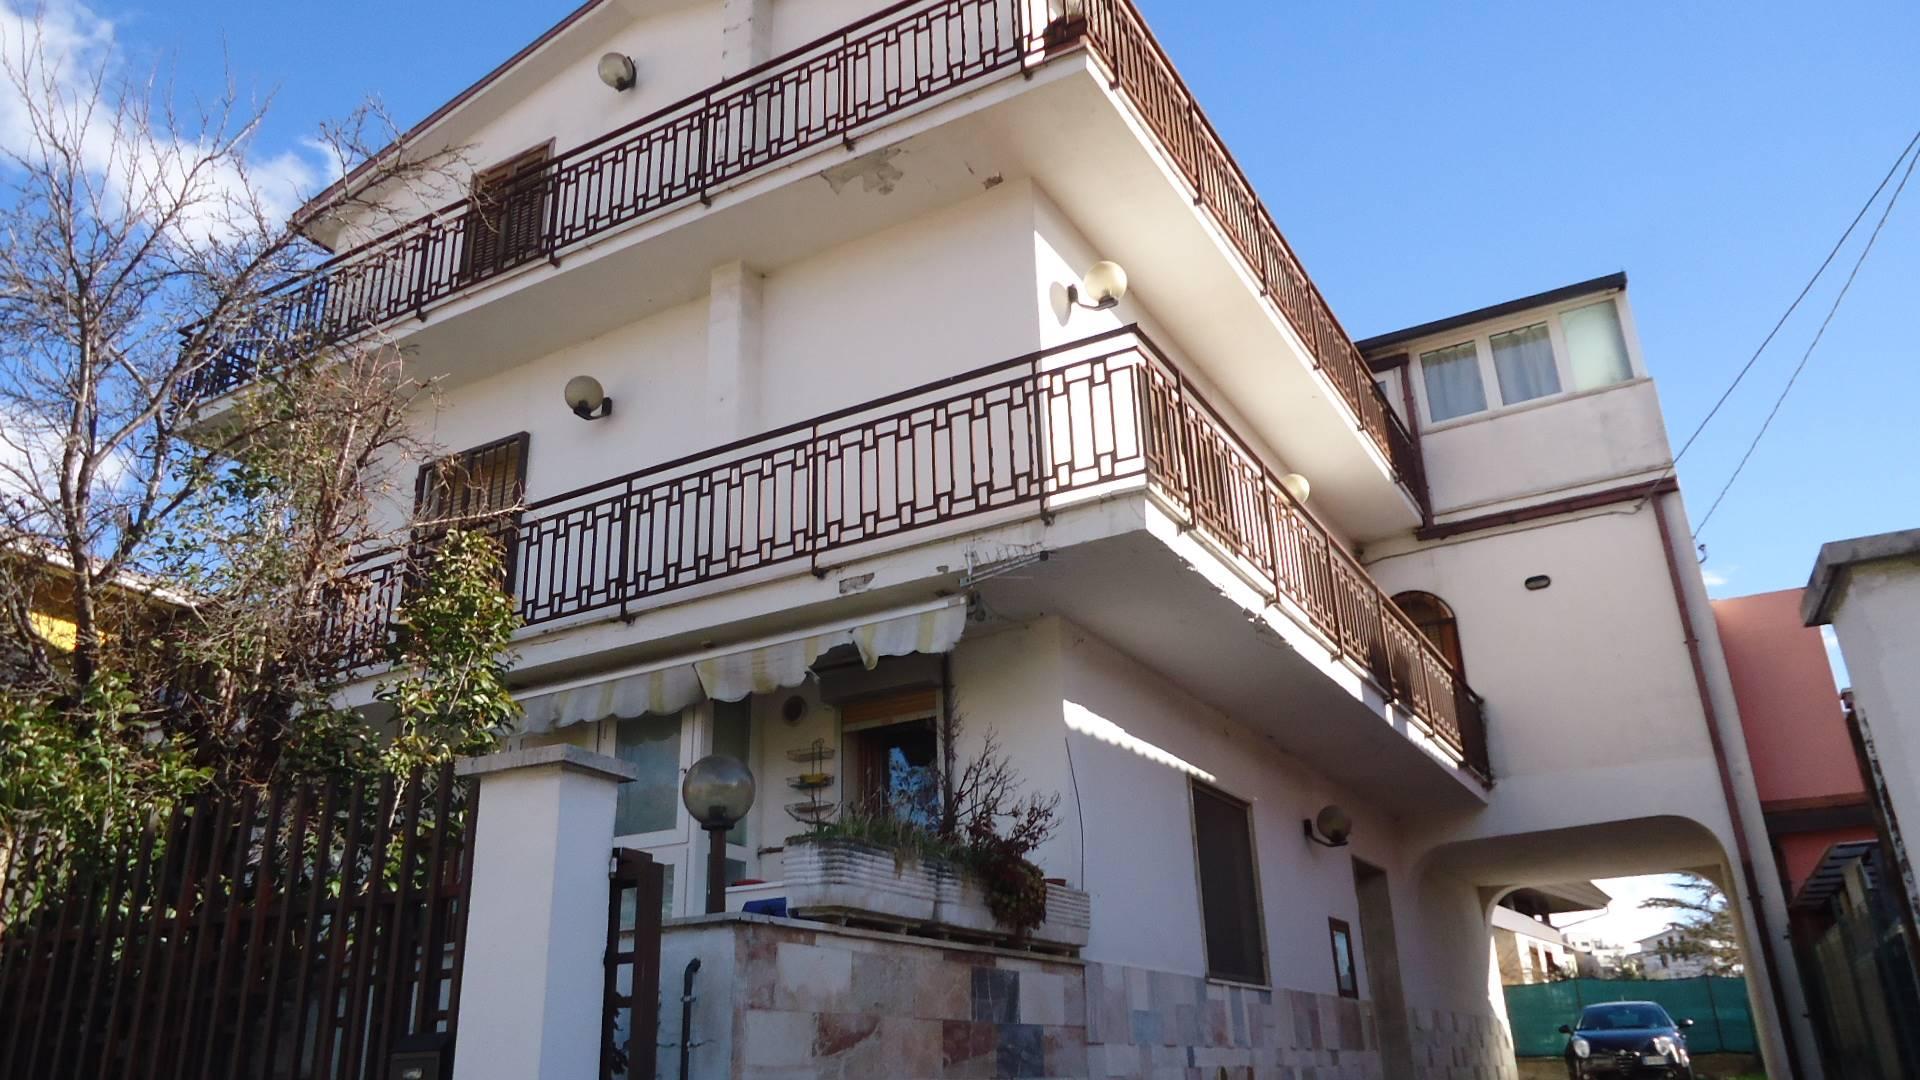 Appartamento in affitto a L'Aquila, 4 locali, zona Località: S.Sisto, prezzo € 500 | CambioCasa.it